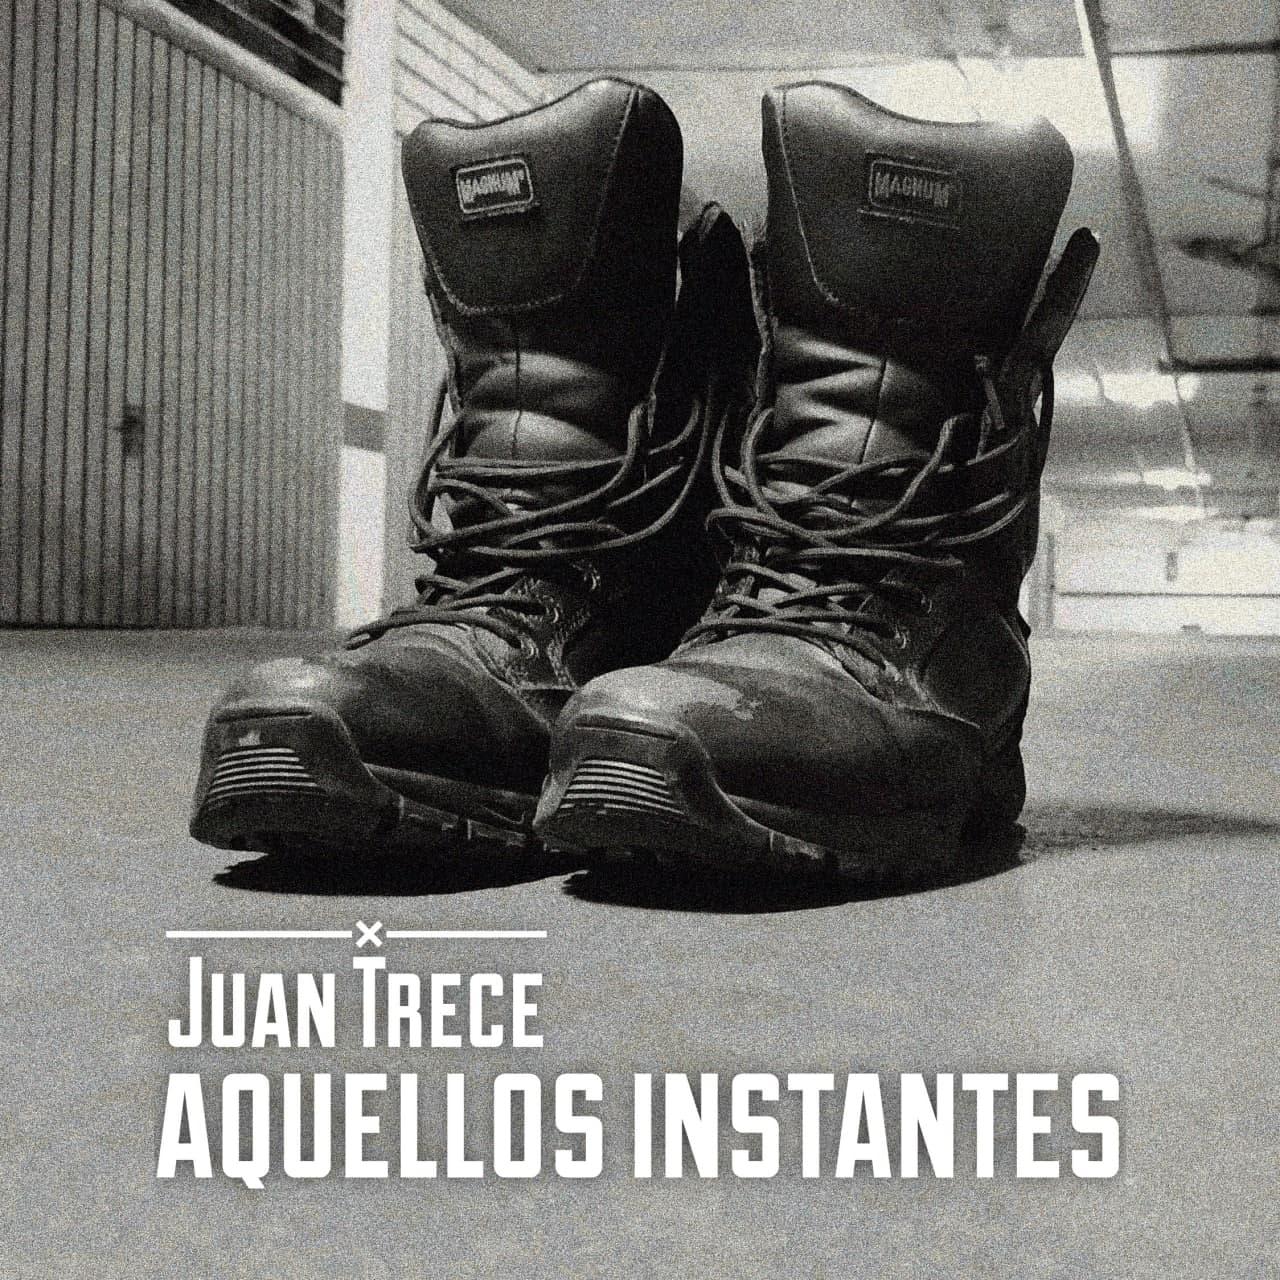 Aquellos instantes, Juan Trece